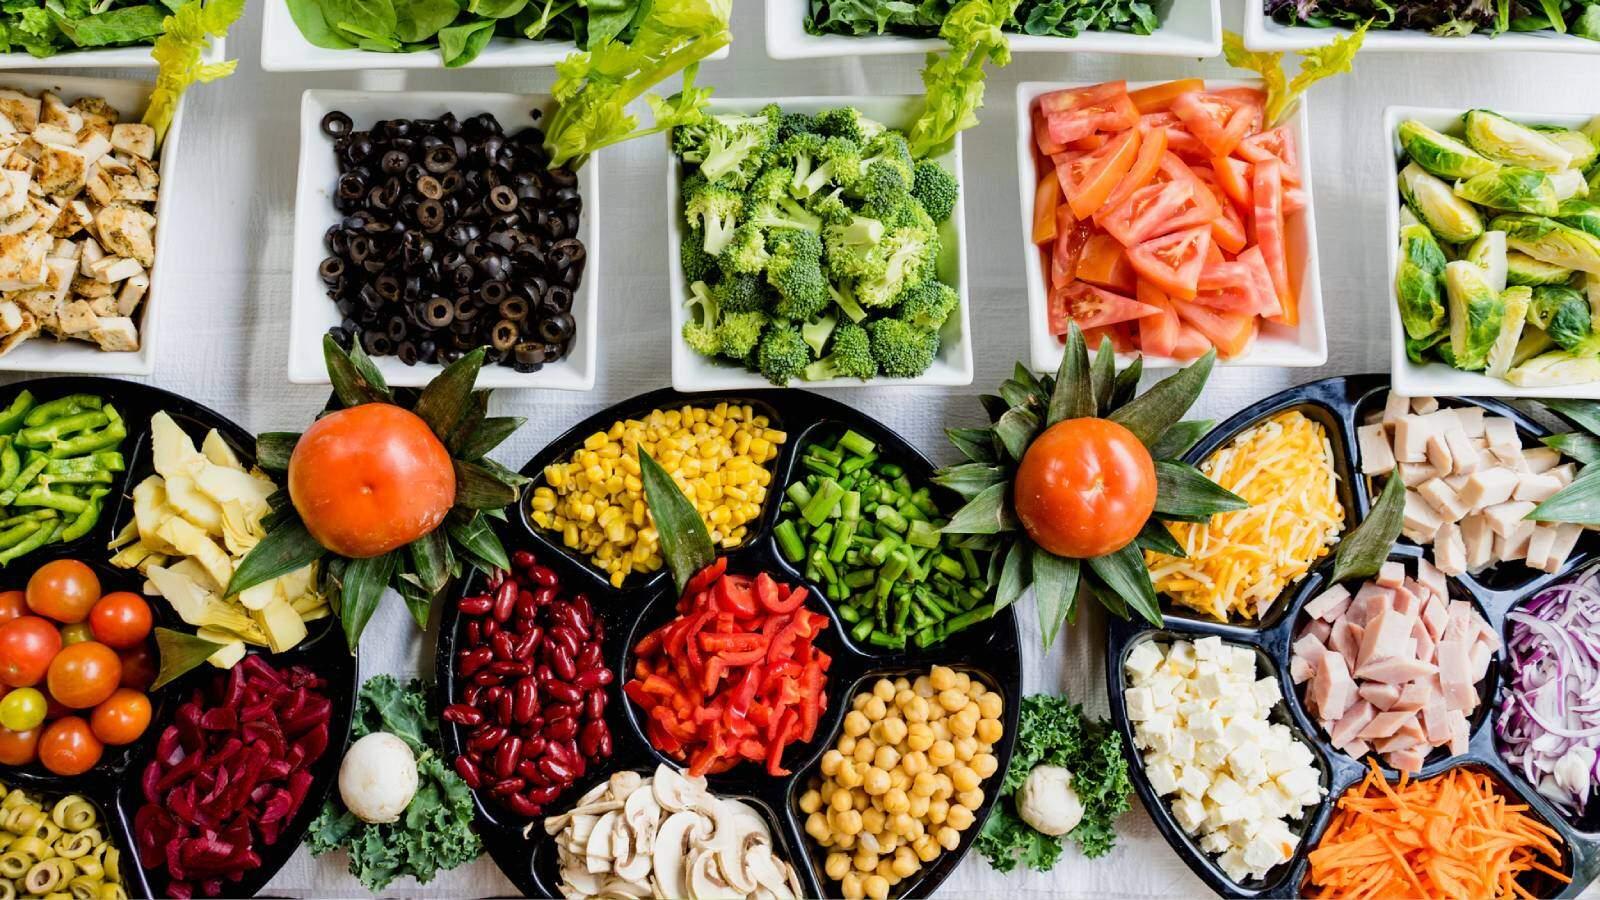 שילוב תזונה נכונה עם טיפול בקנאביס - בריא בישראל